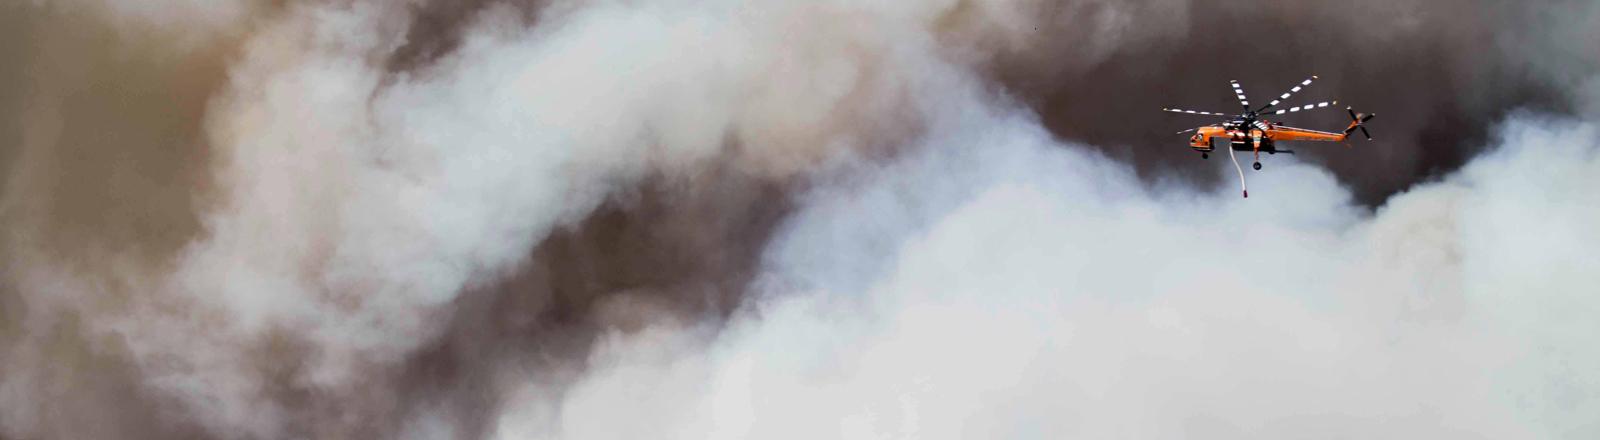 Waldbrandbekämpfung mit dem Hubschrauber in Kalifornien im November 2018